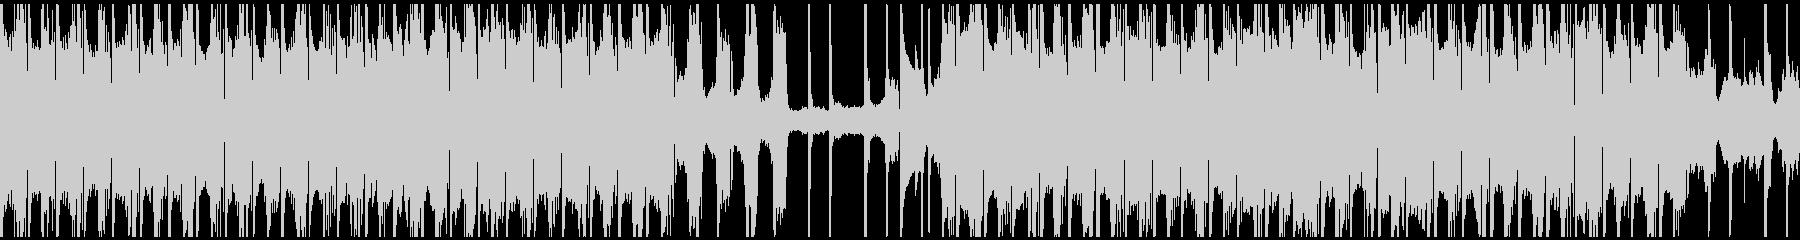 アンビエントチルハウスの未再生の波形